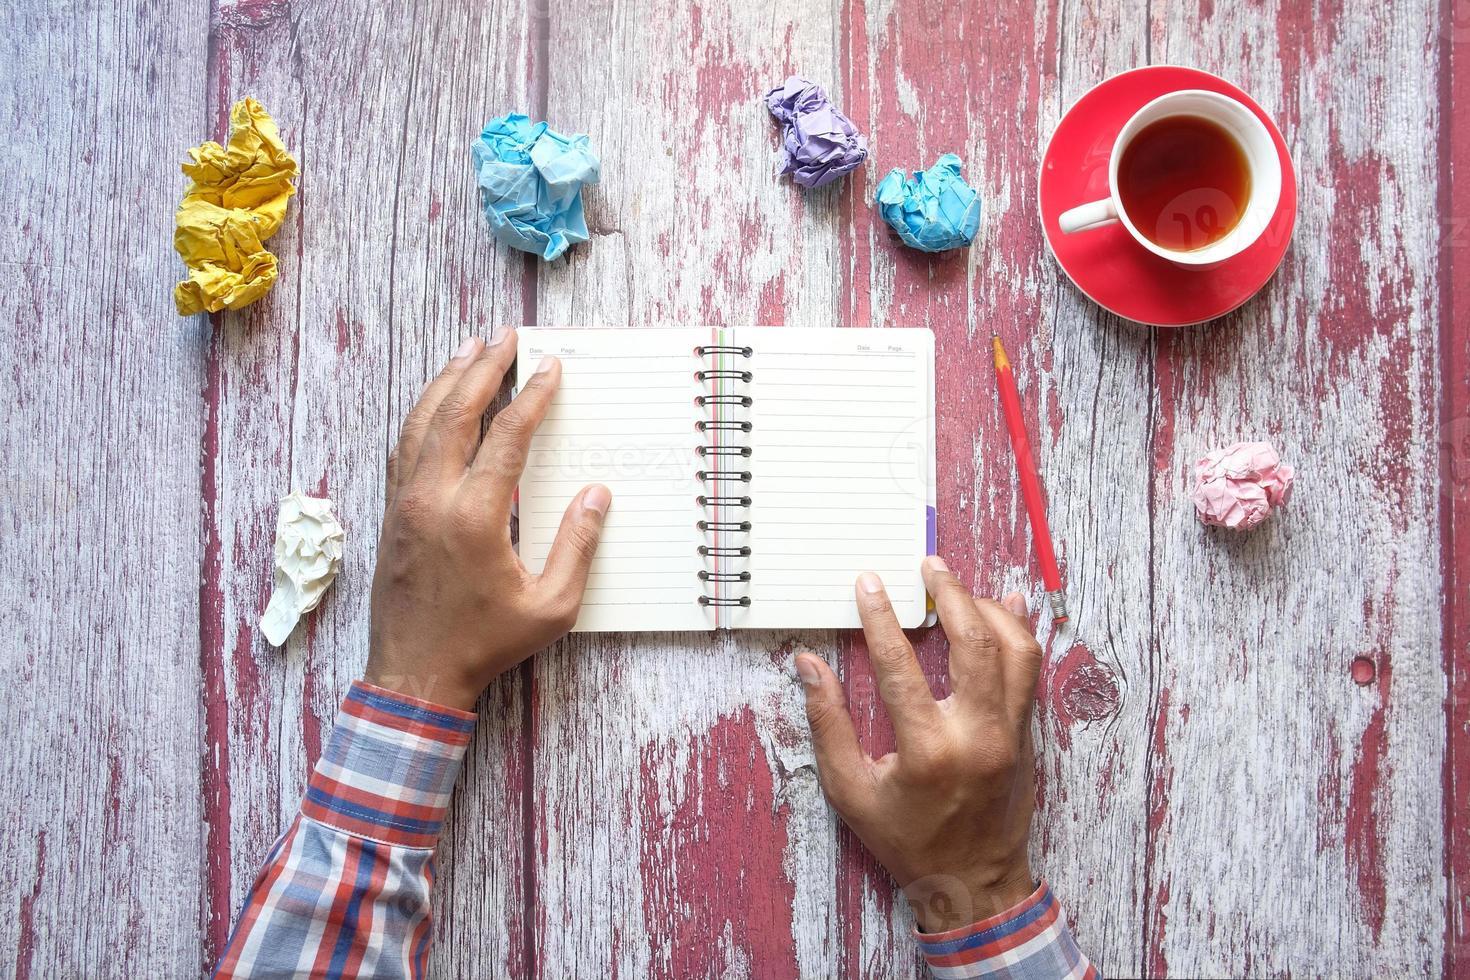 Boules de papier froissé et bloc-notes sur table en bois photo